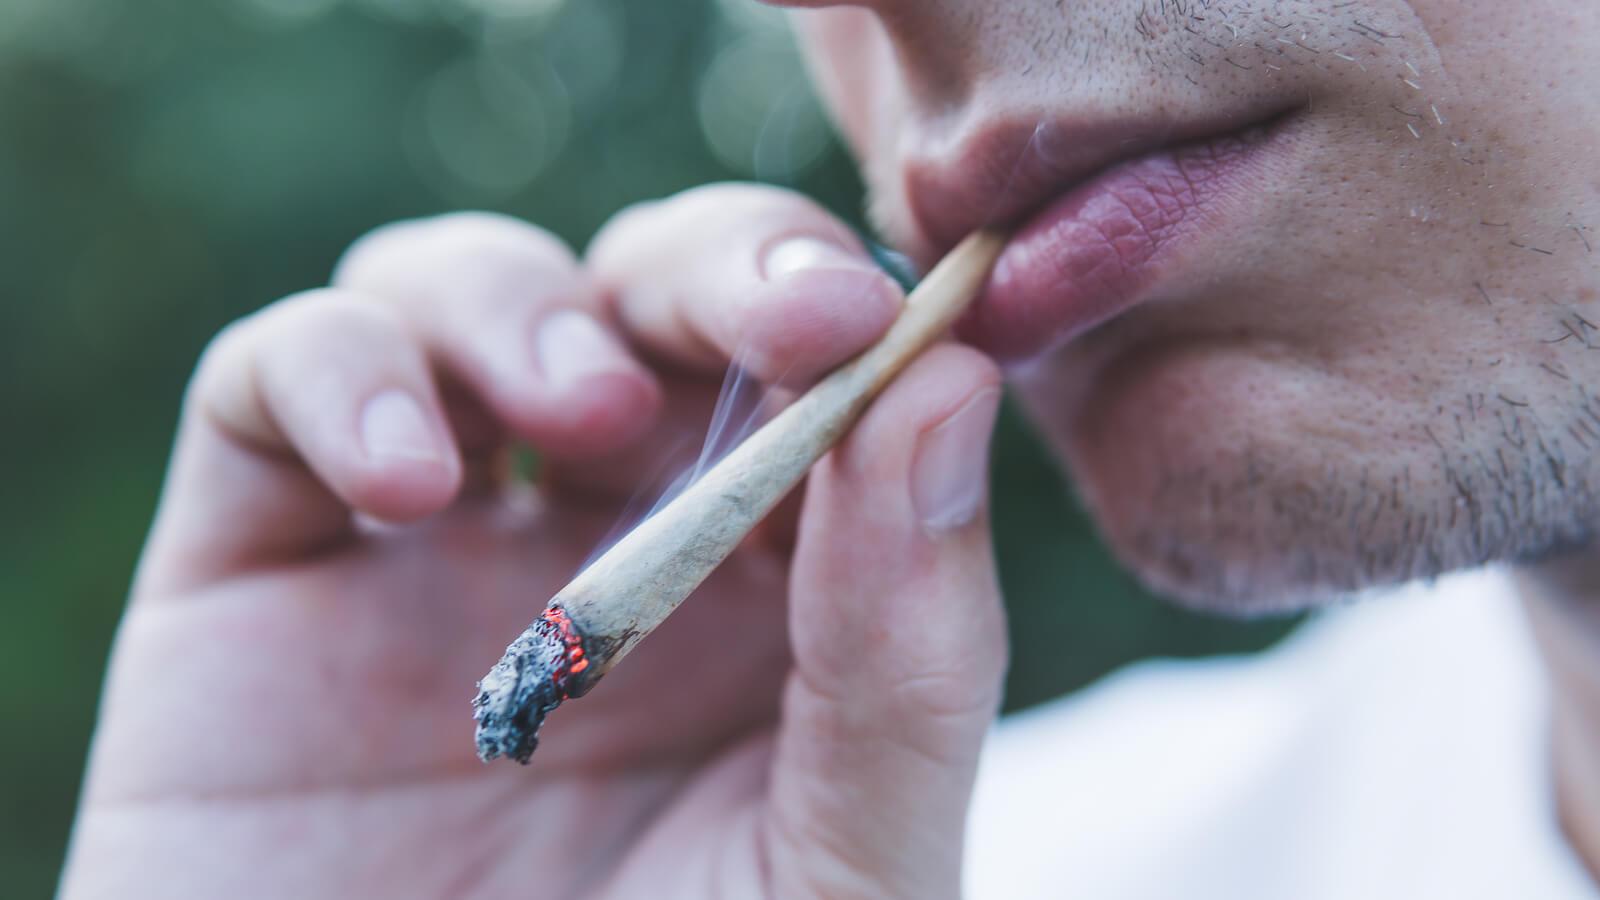 smoke weed stems